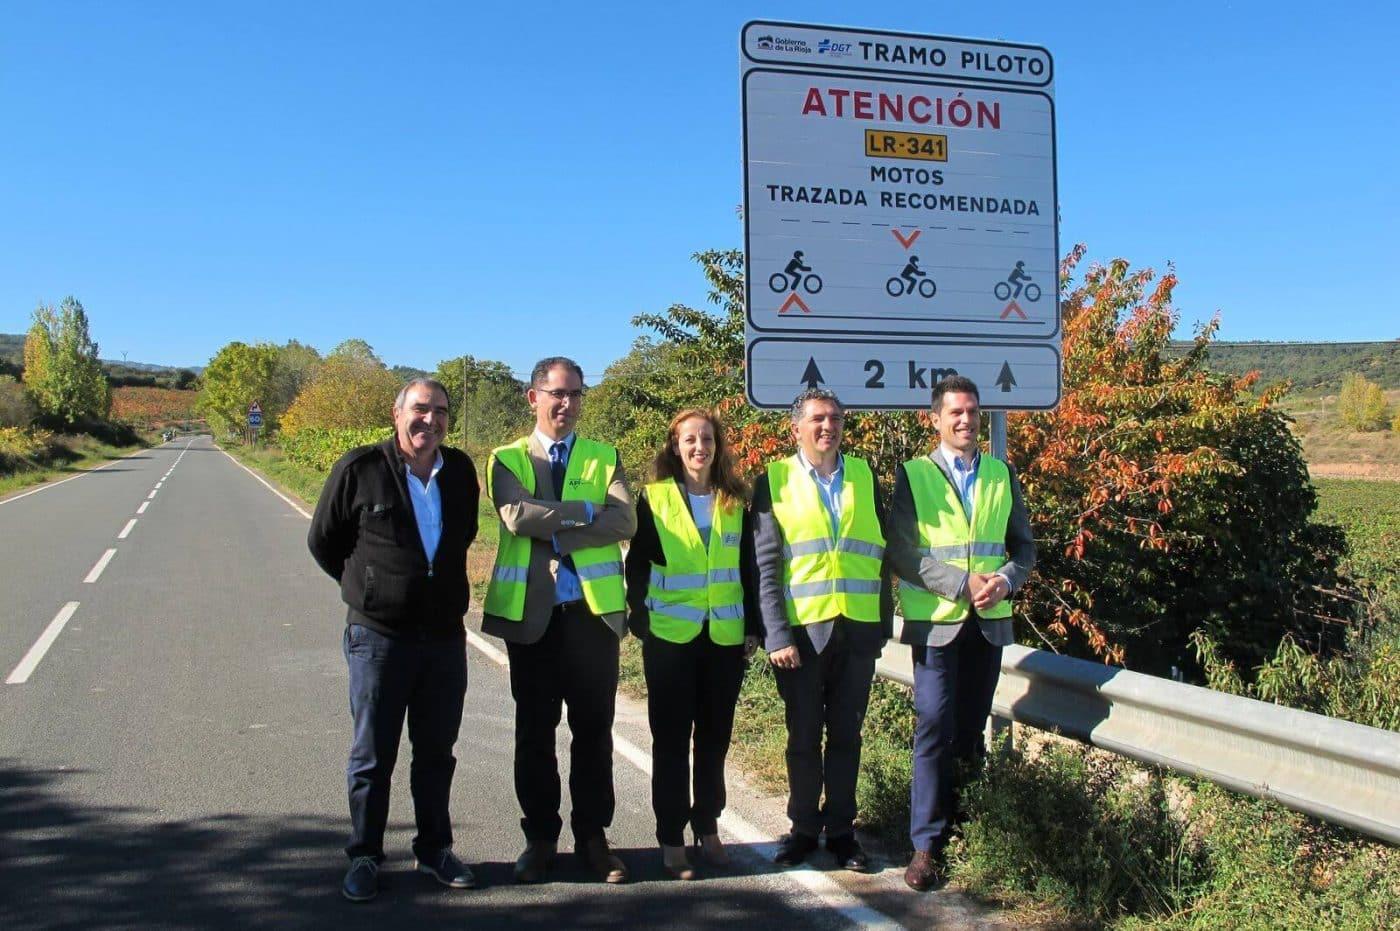 Las carreteras riojanas estrenan un innovador sistema de señalización específico para motoristas 1